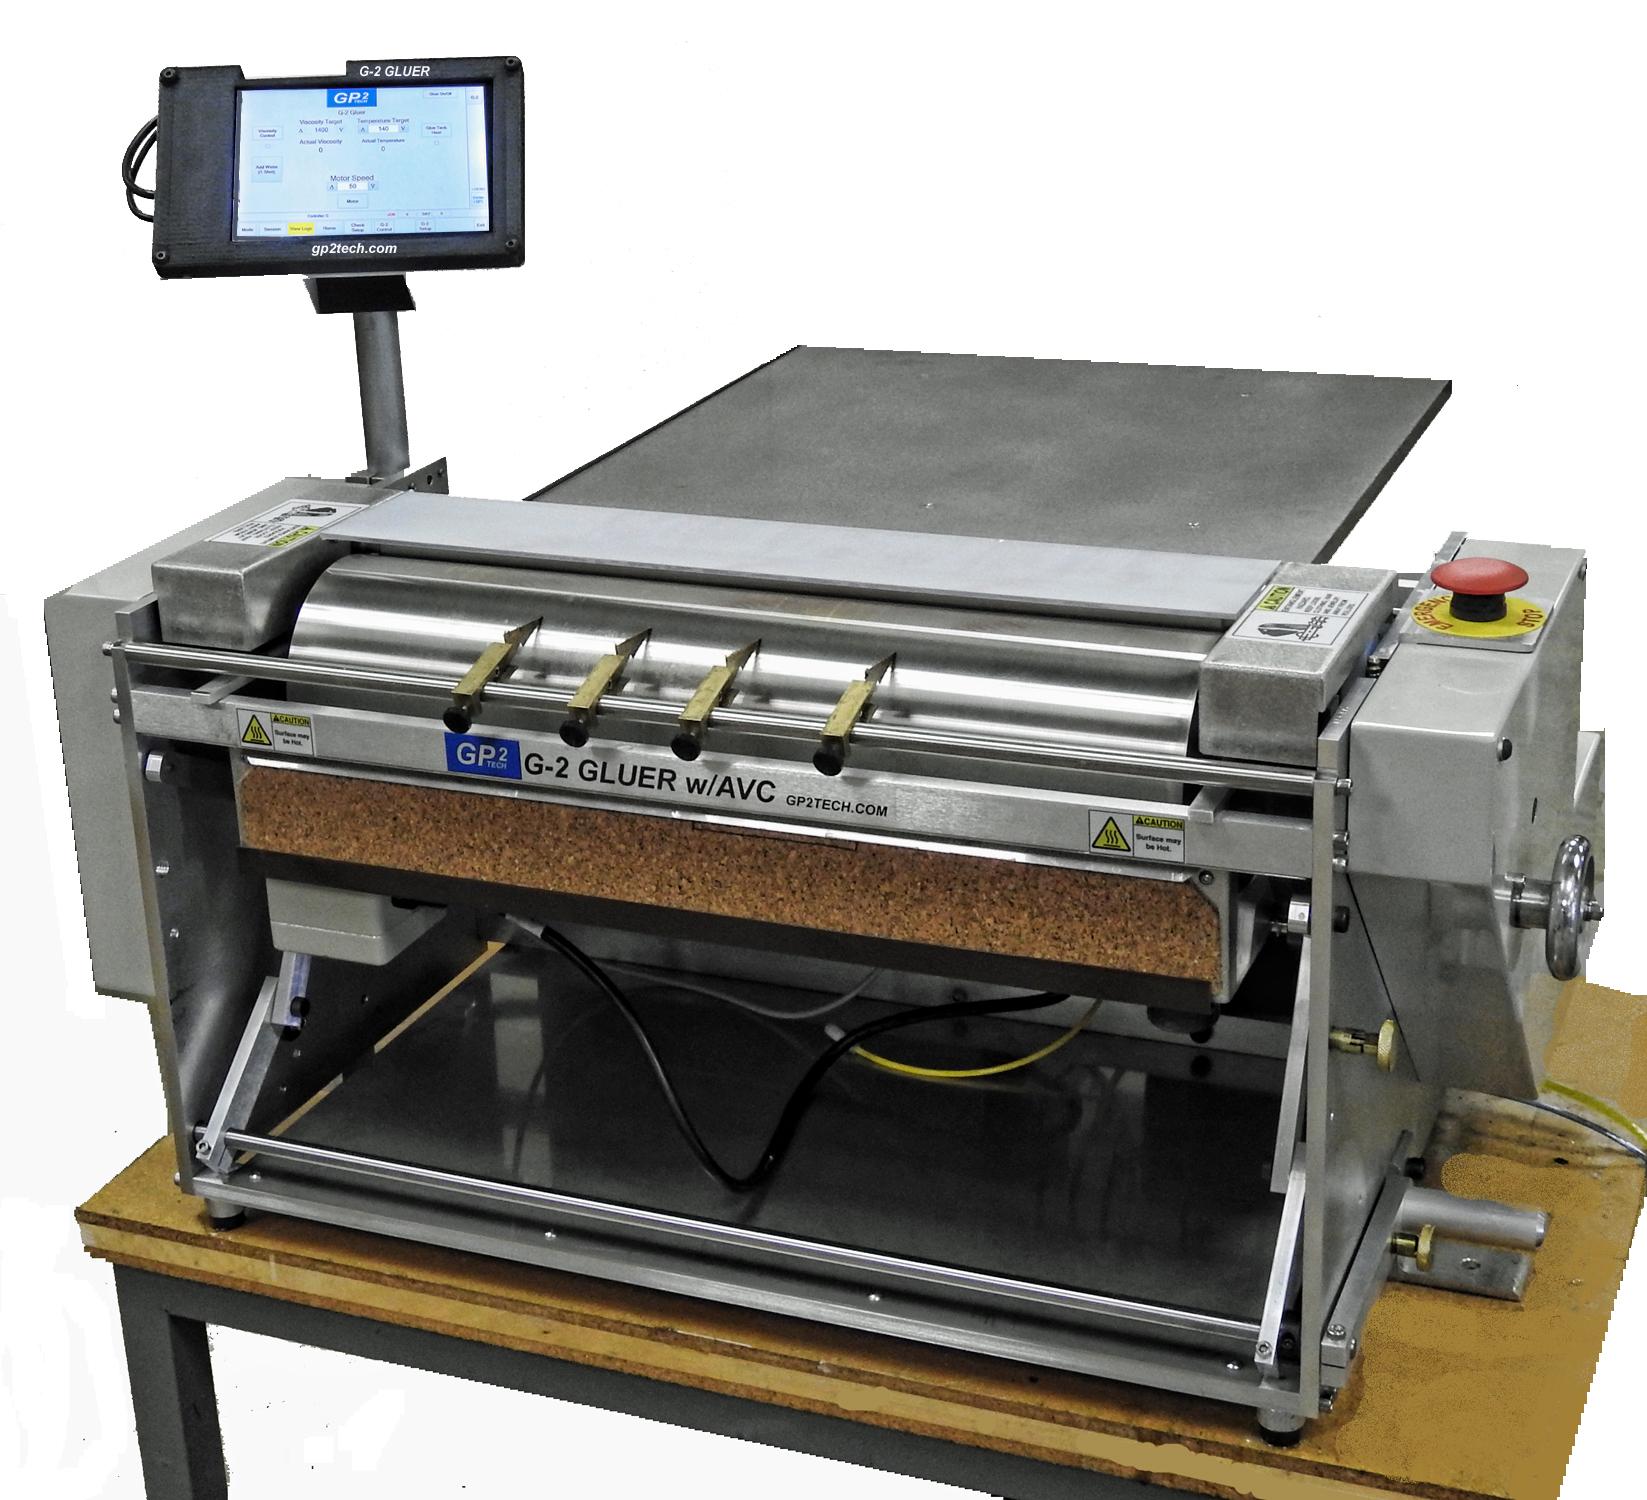 Book Binding Machinery / Short Run, PhotoBook & On-Demand